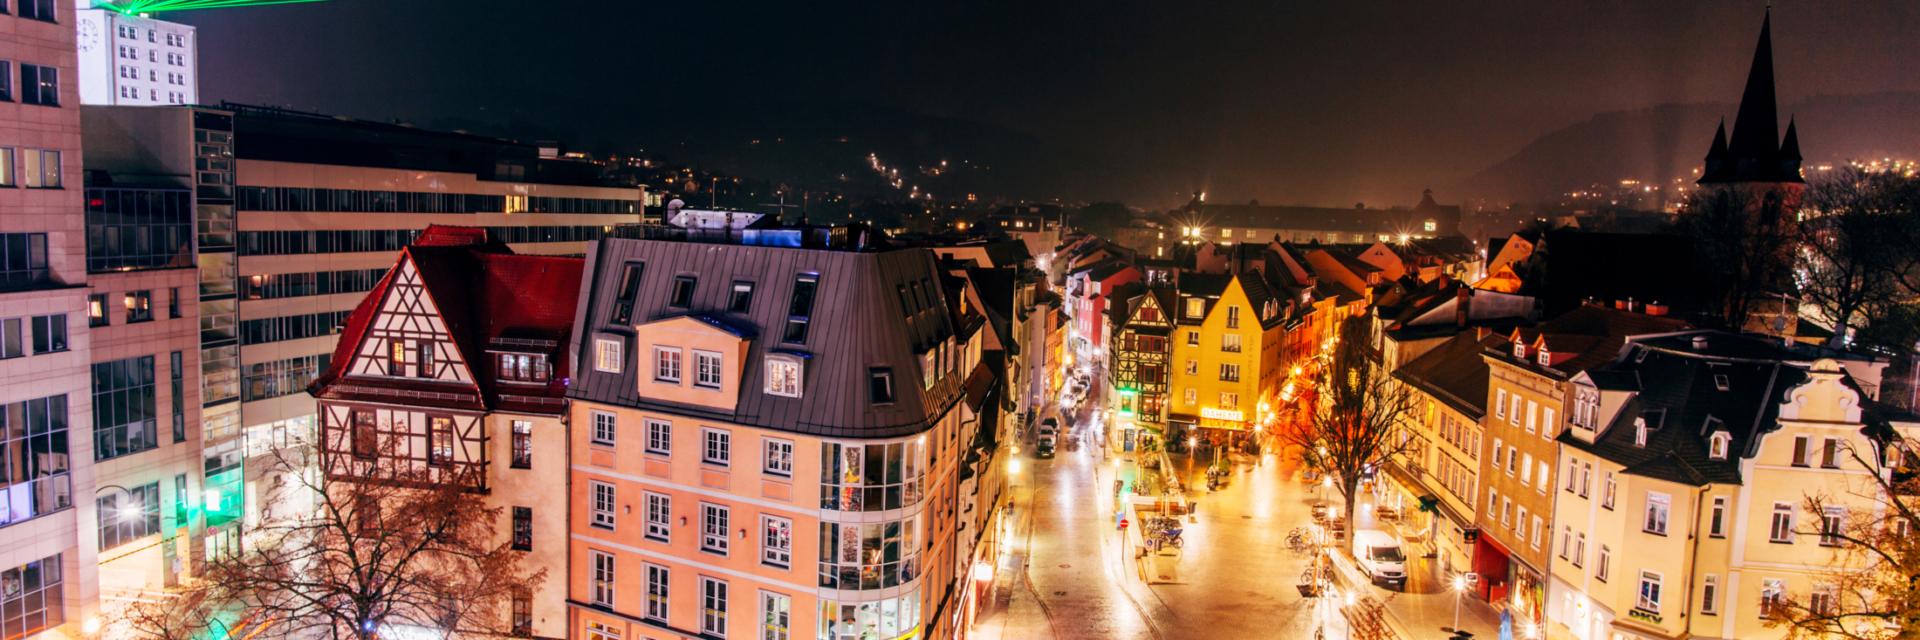 Laser über Johannisplatz der Tagungsstadt Jena zum Event Lange Nacht der Wissenschaften